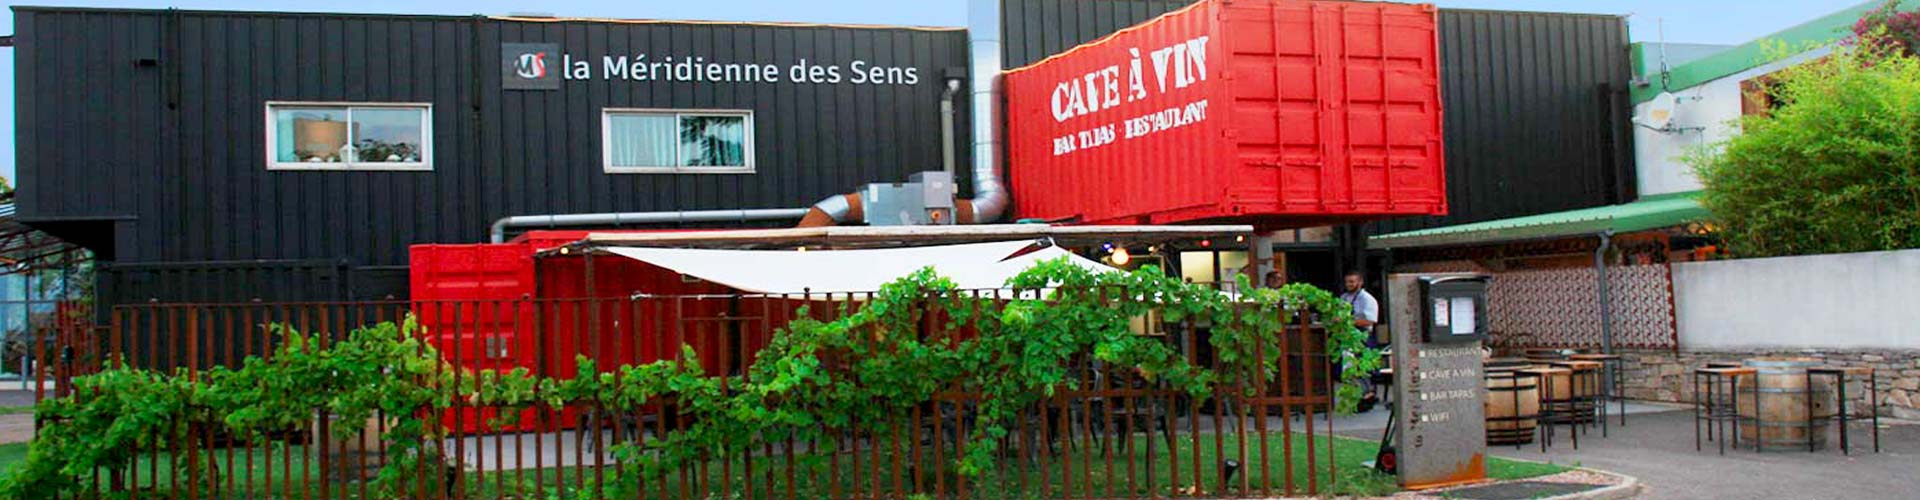 La Méridienne des Sens, bar à vin, caviste à clermont l'hérault